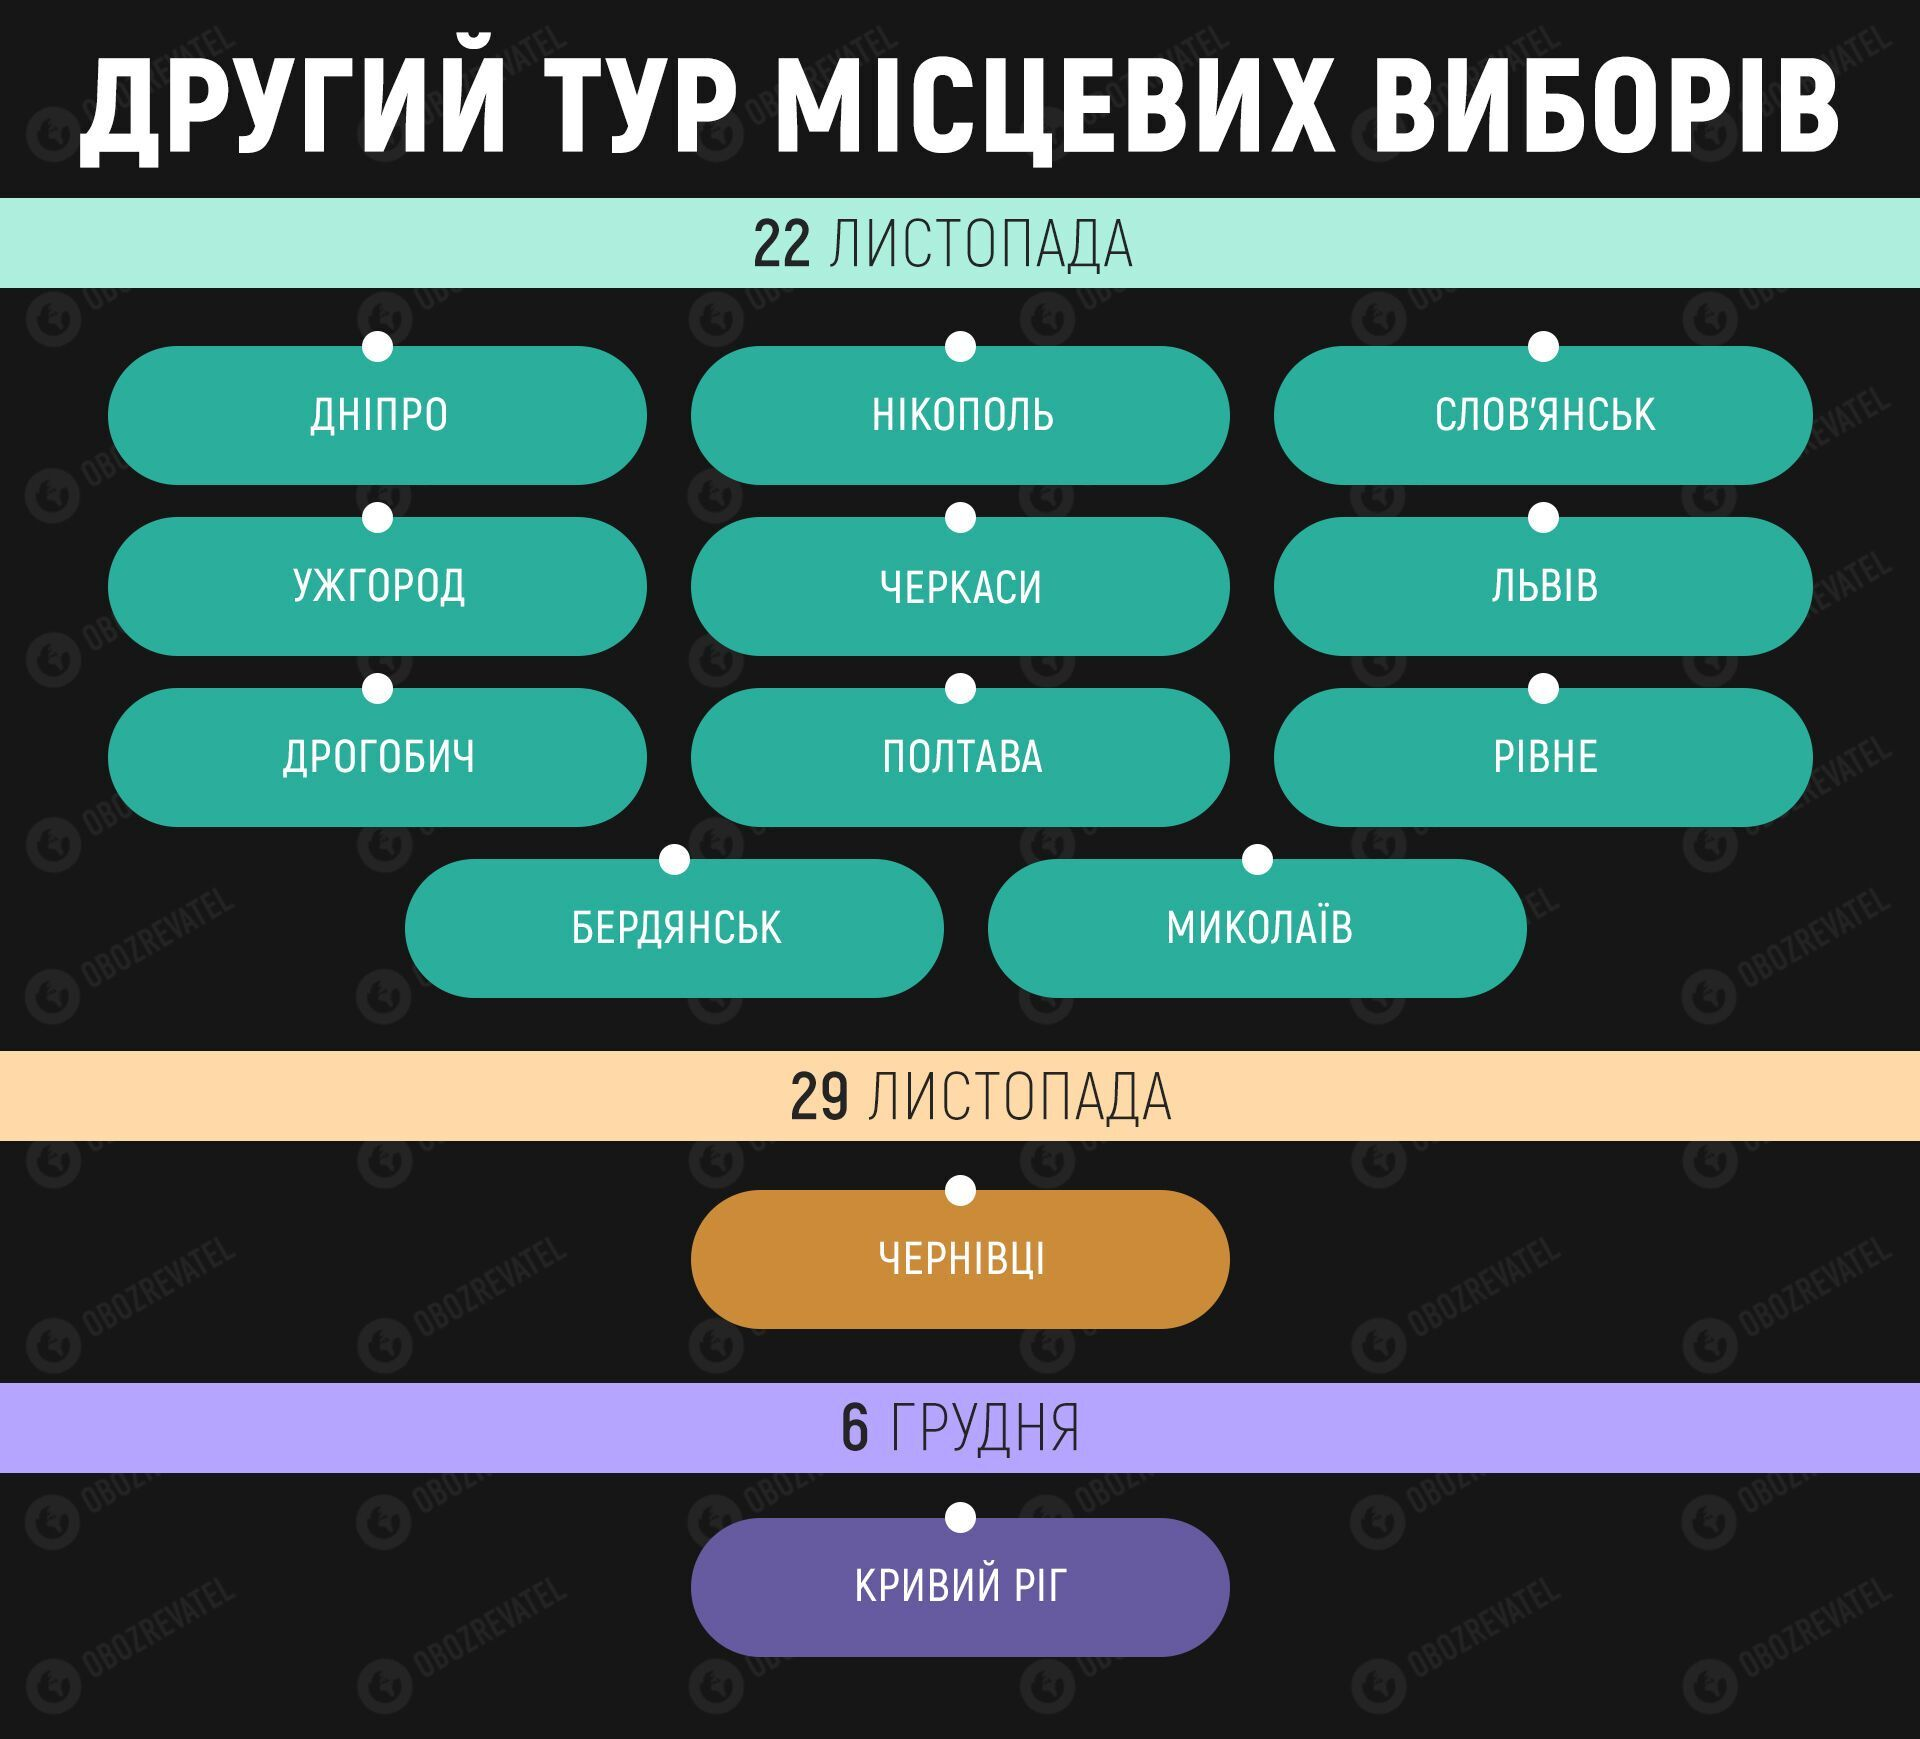 В Україні відбувся другий тур виборів мера: усі деталі голосування онлайн